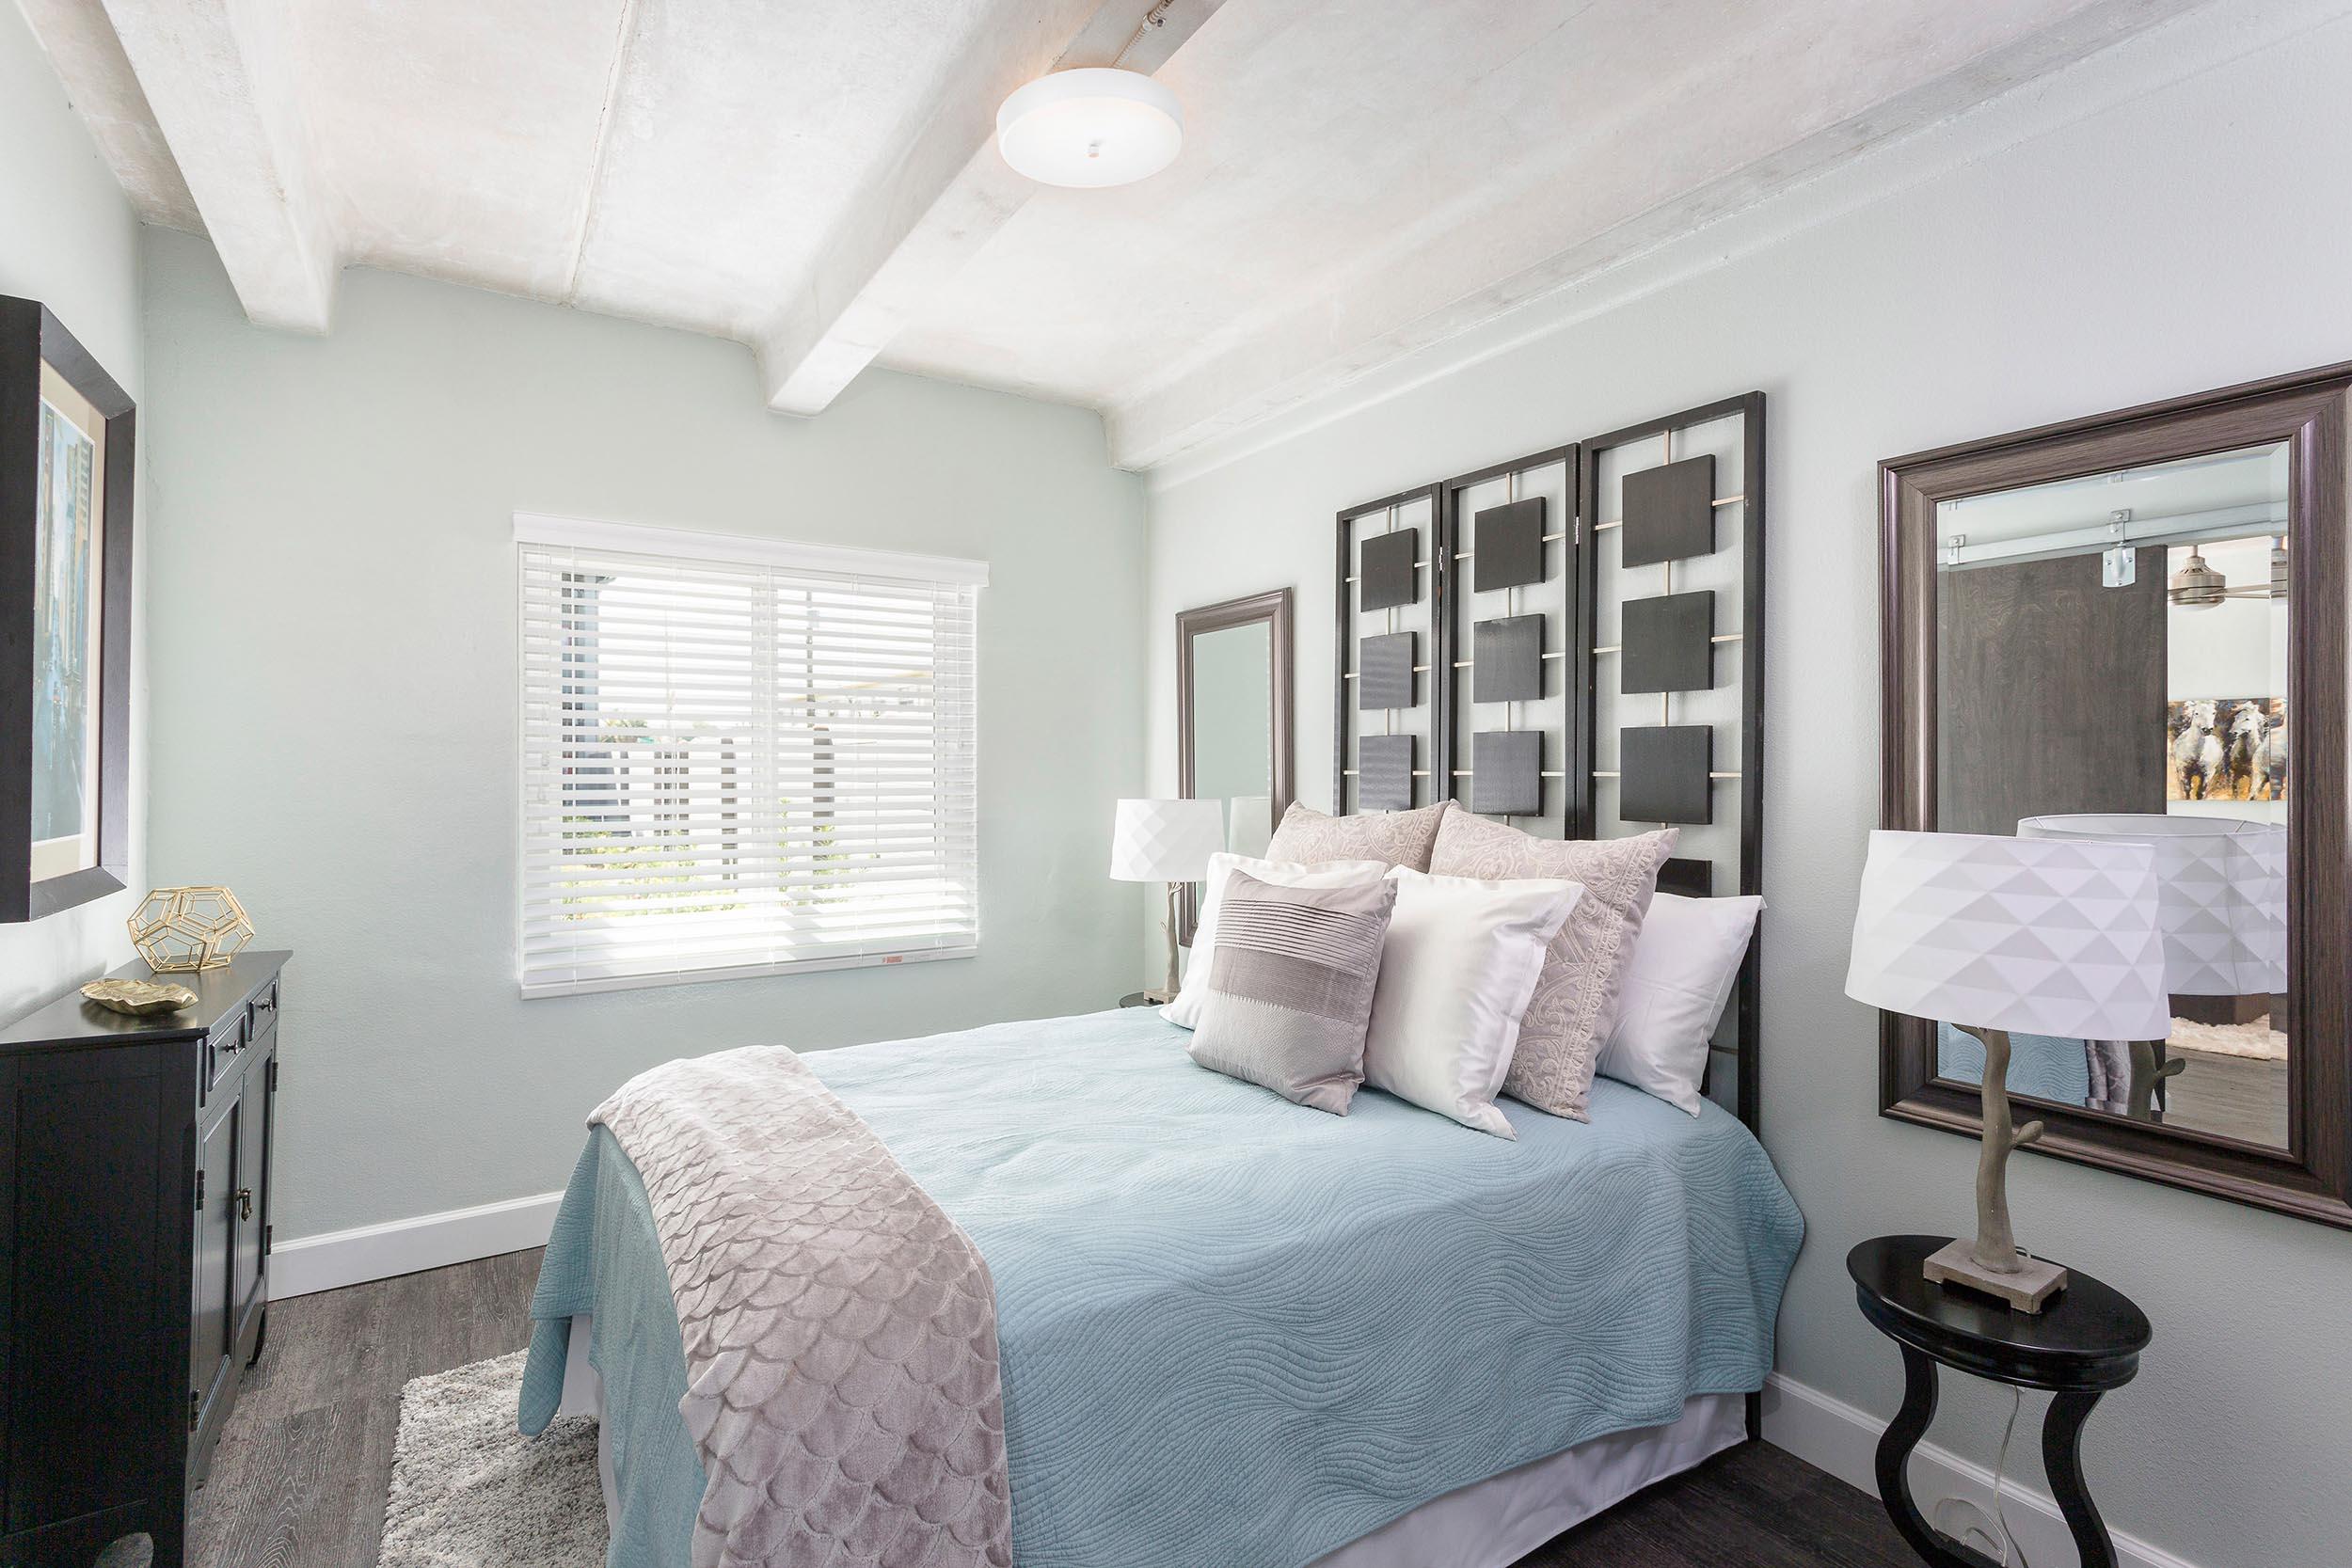 If-20bedroom